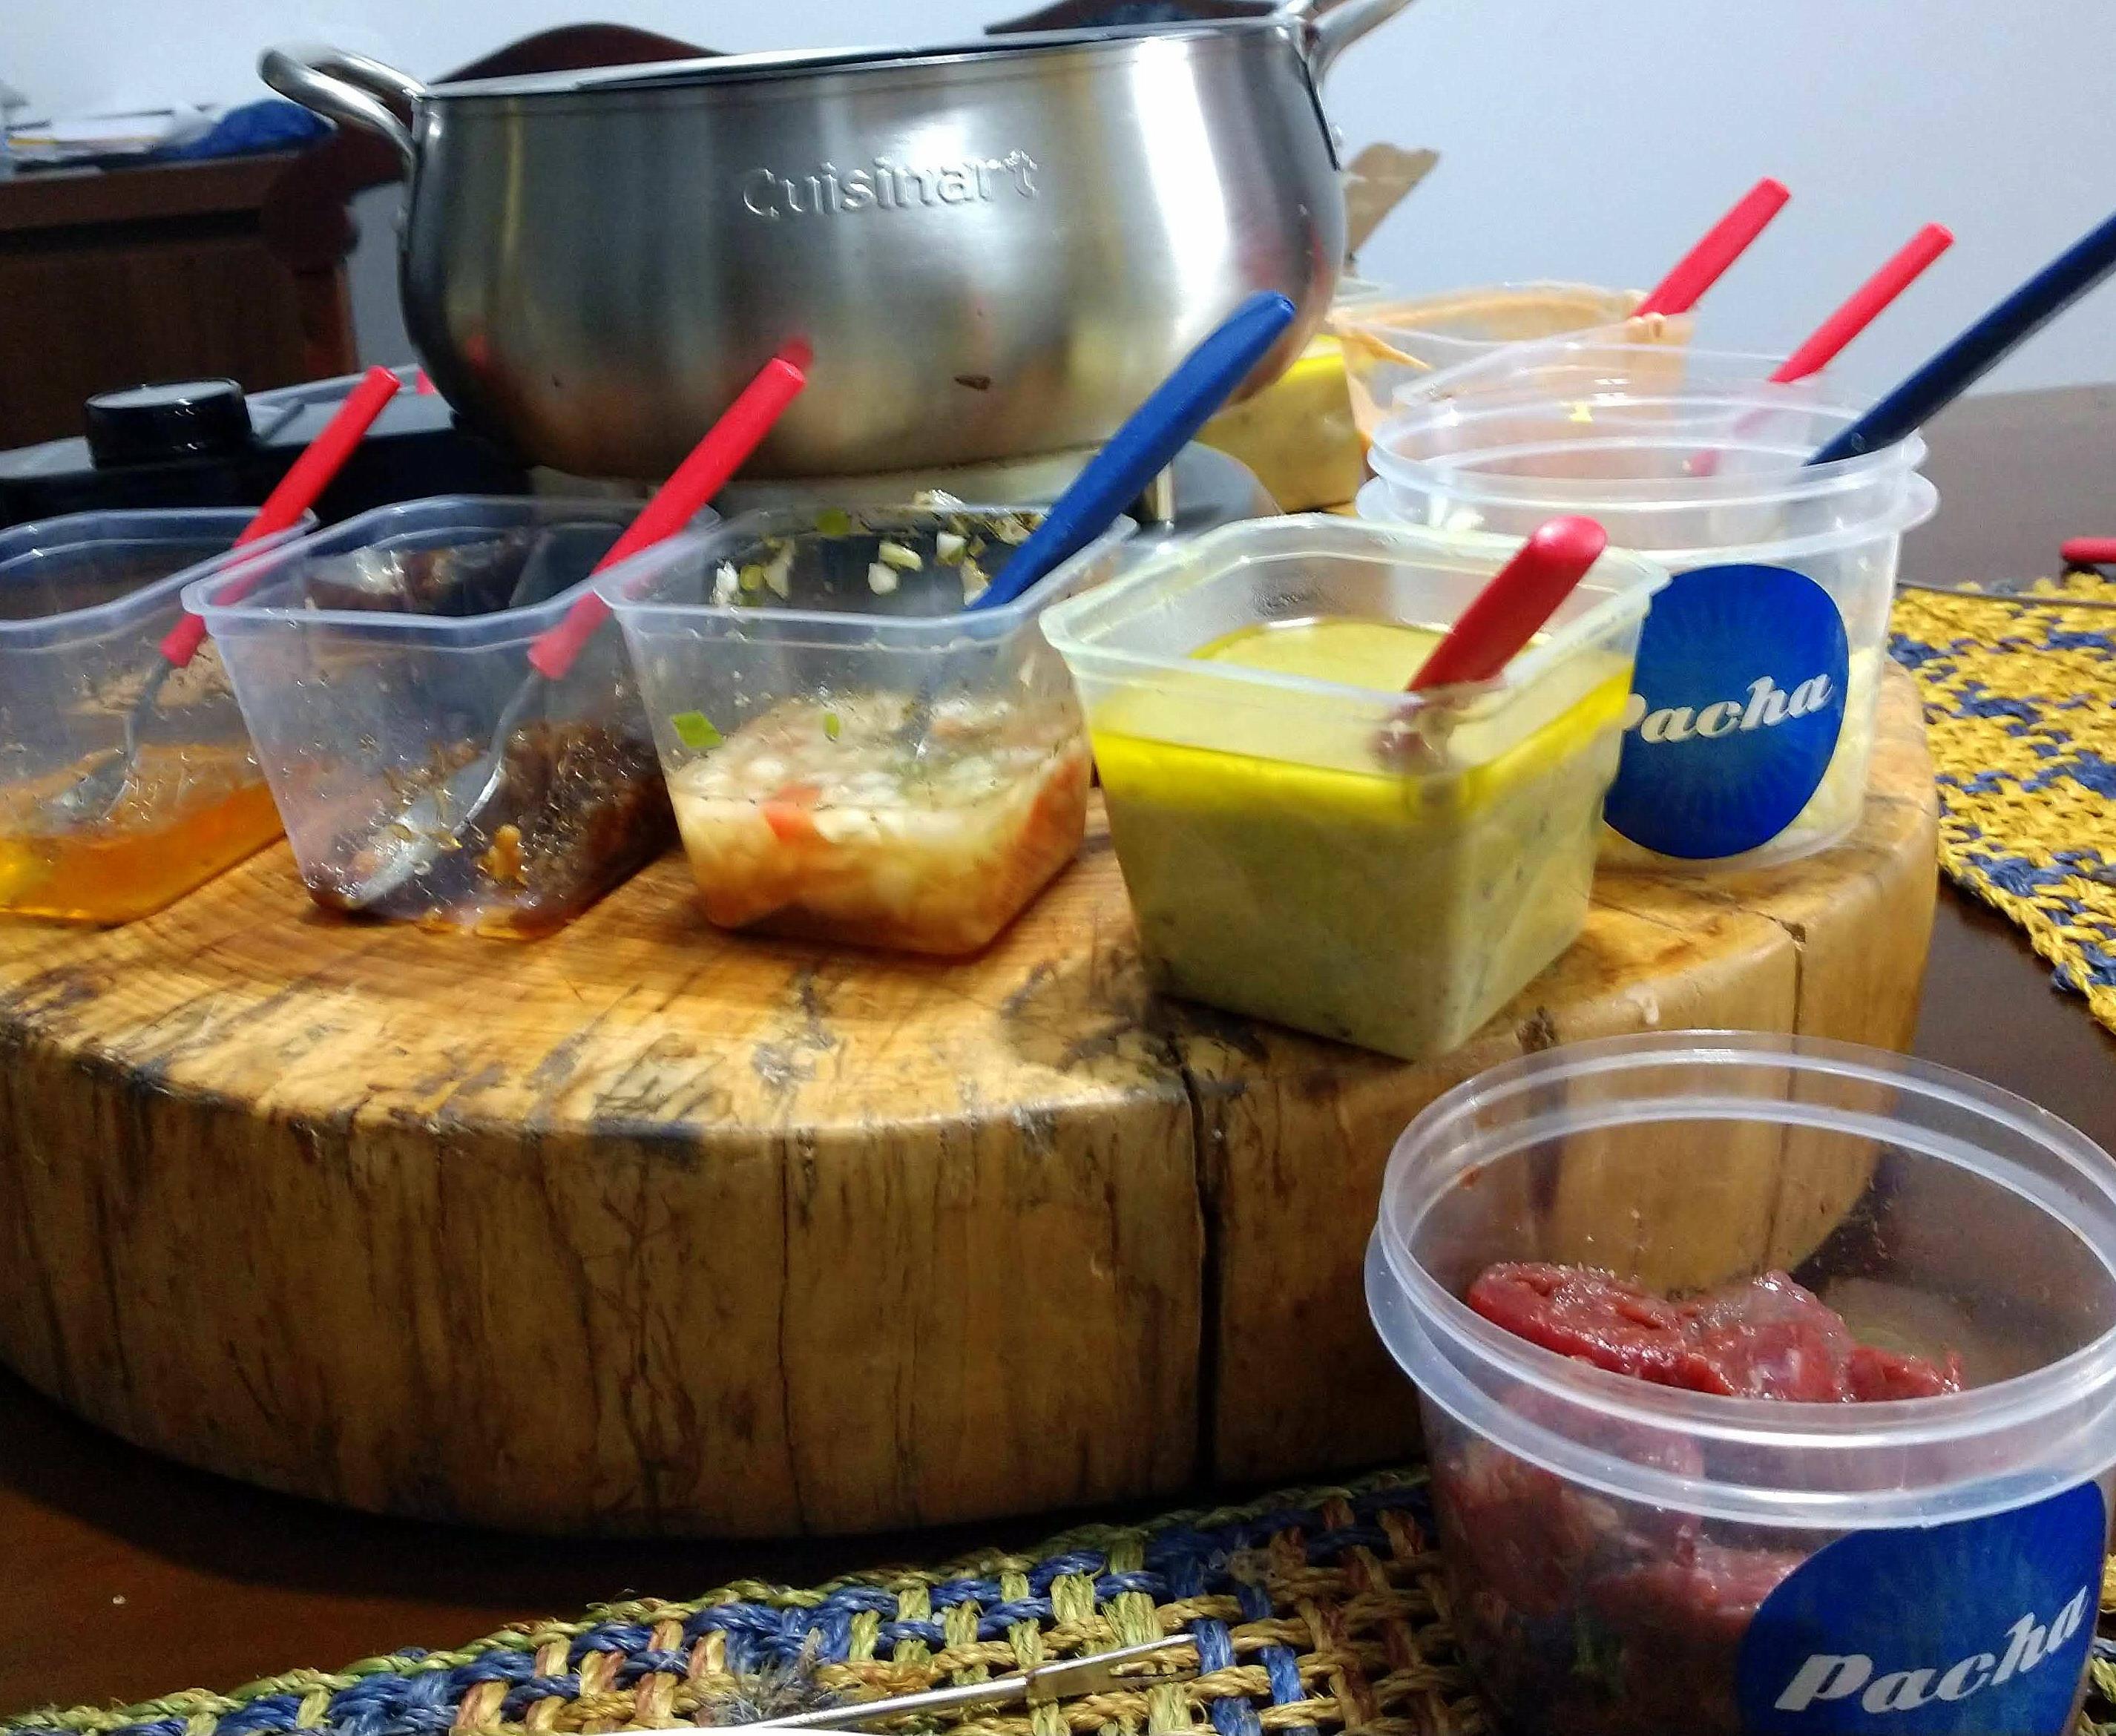 Óleo quente na panela, molhos e  acompanhamentos distribuídos em volta... agora é só começar a comer.